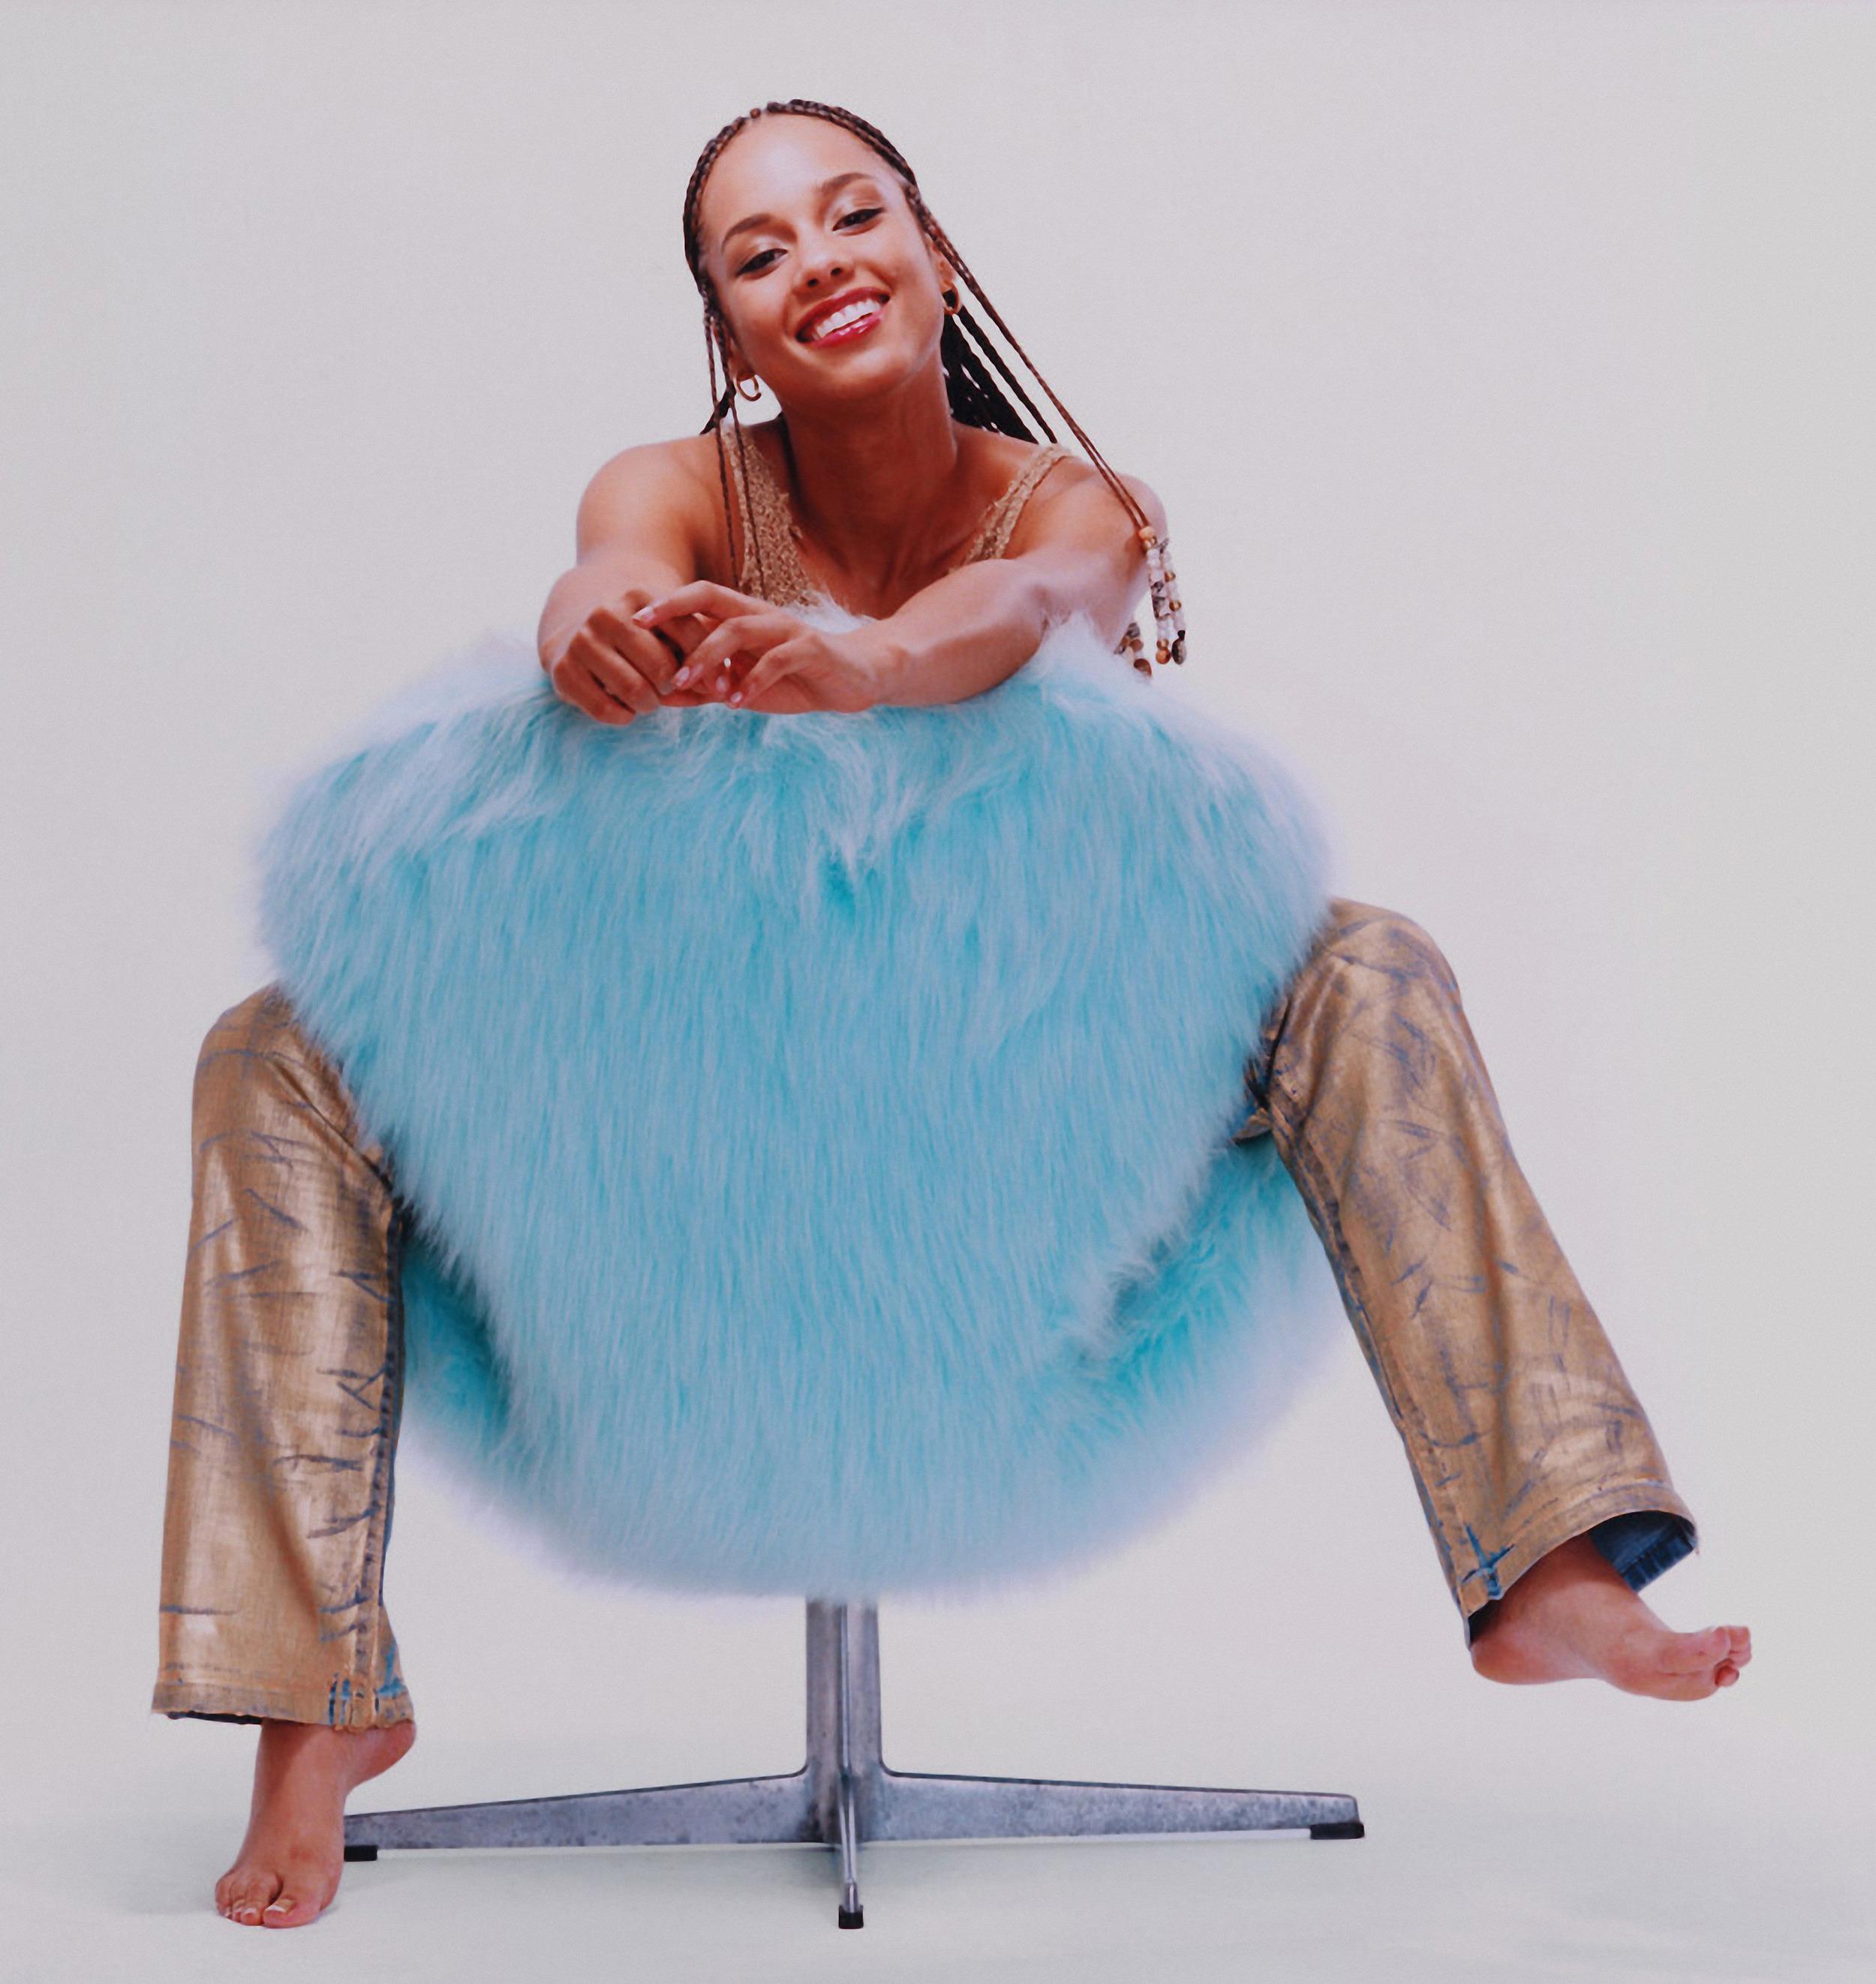 Alicia Keys Feet - Celebrity Feet Info